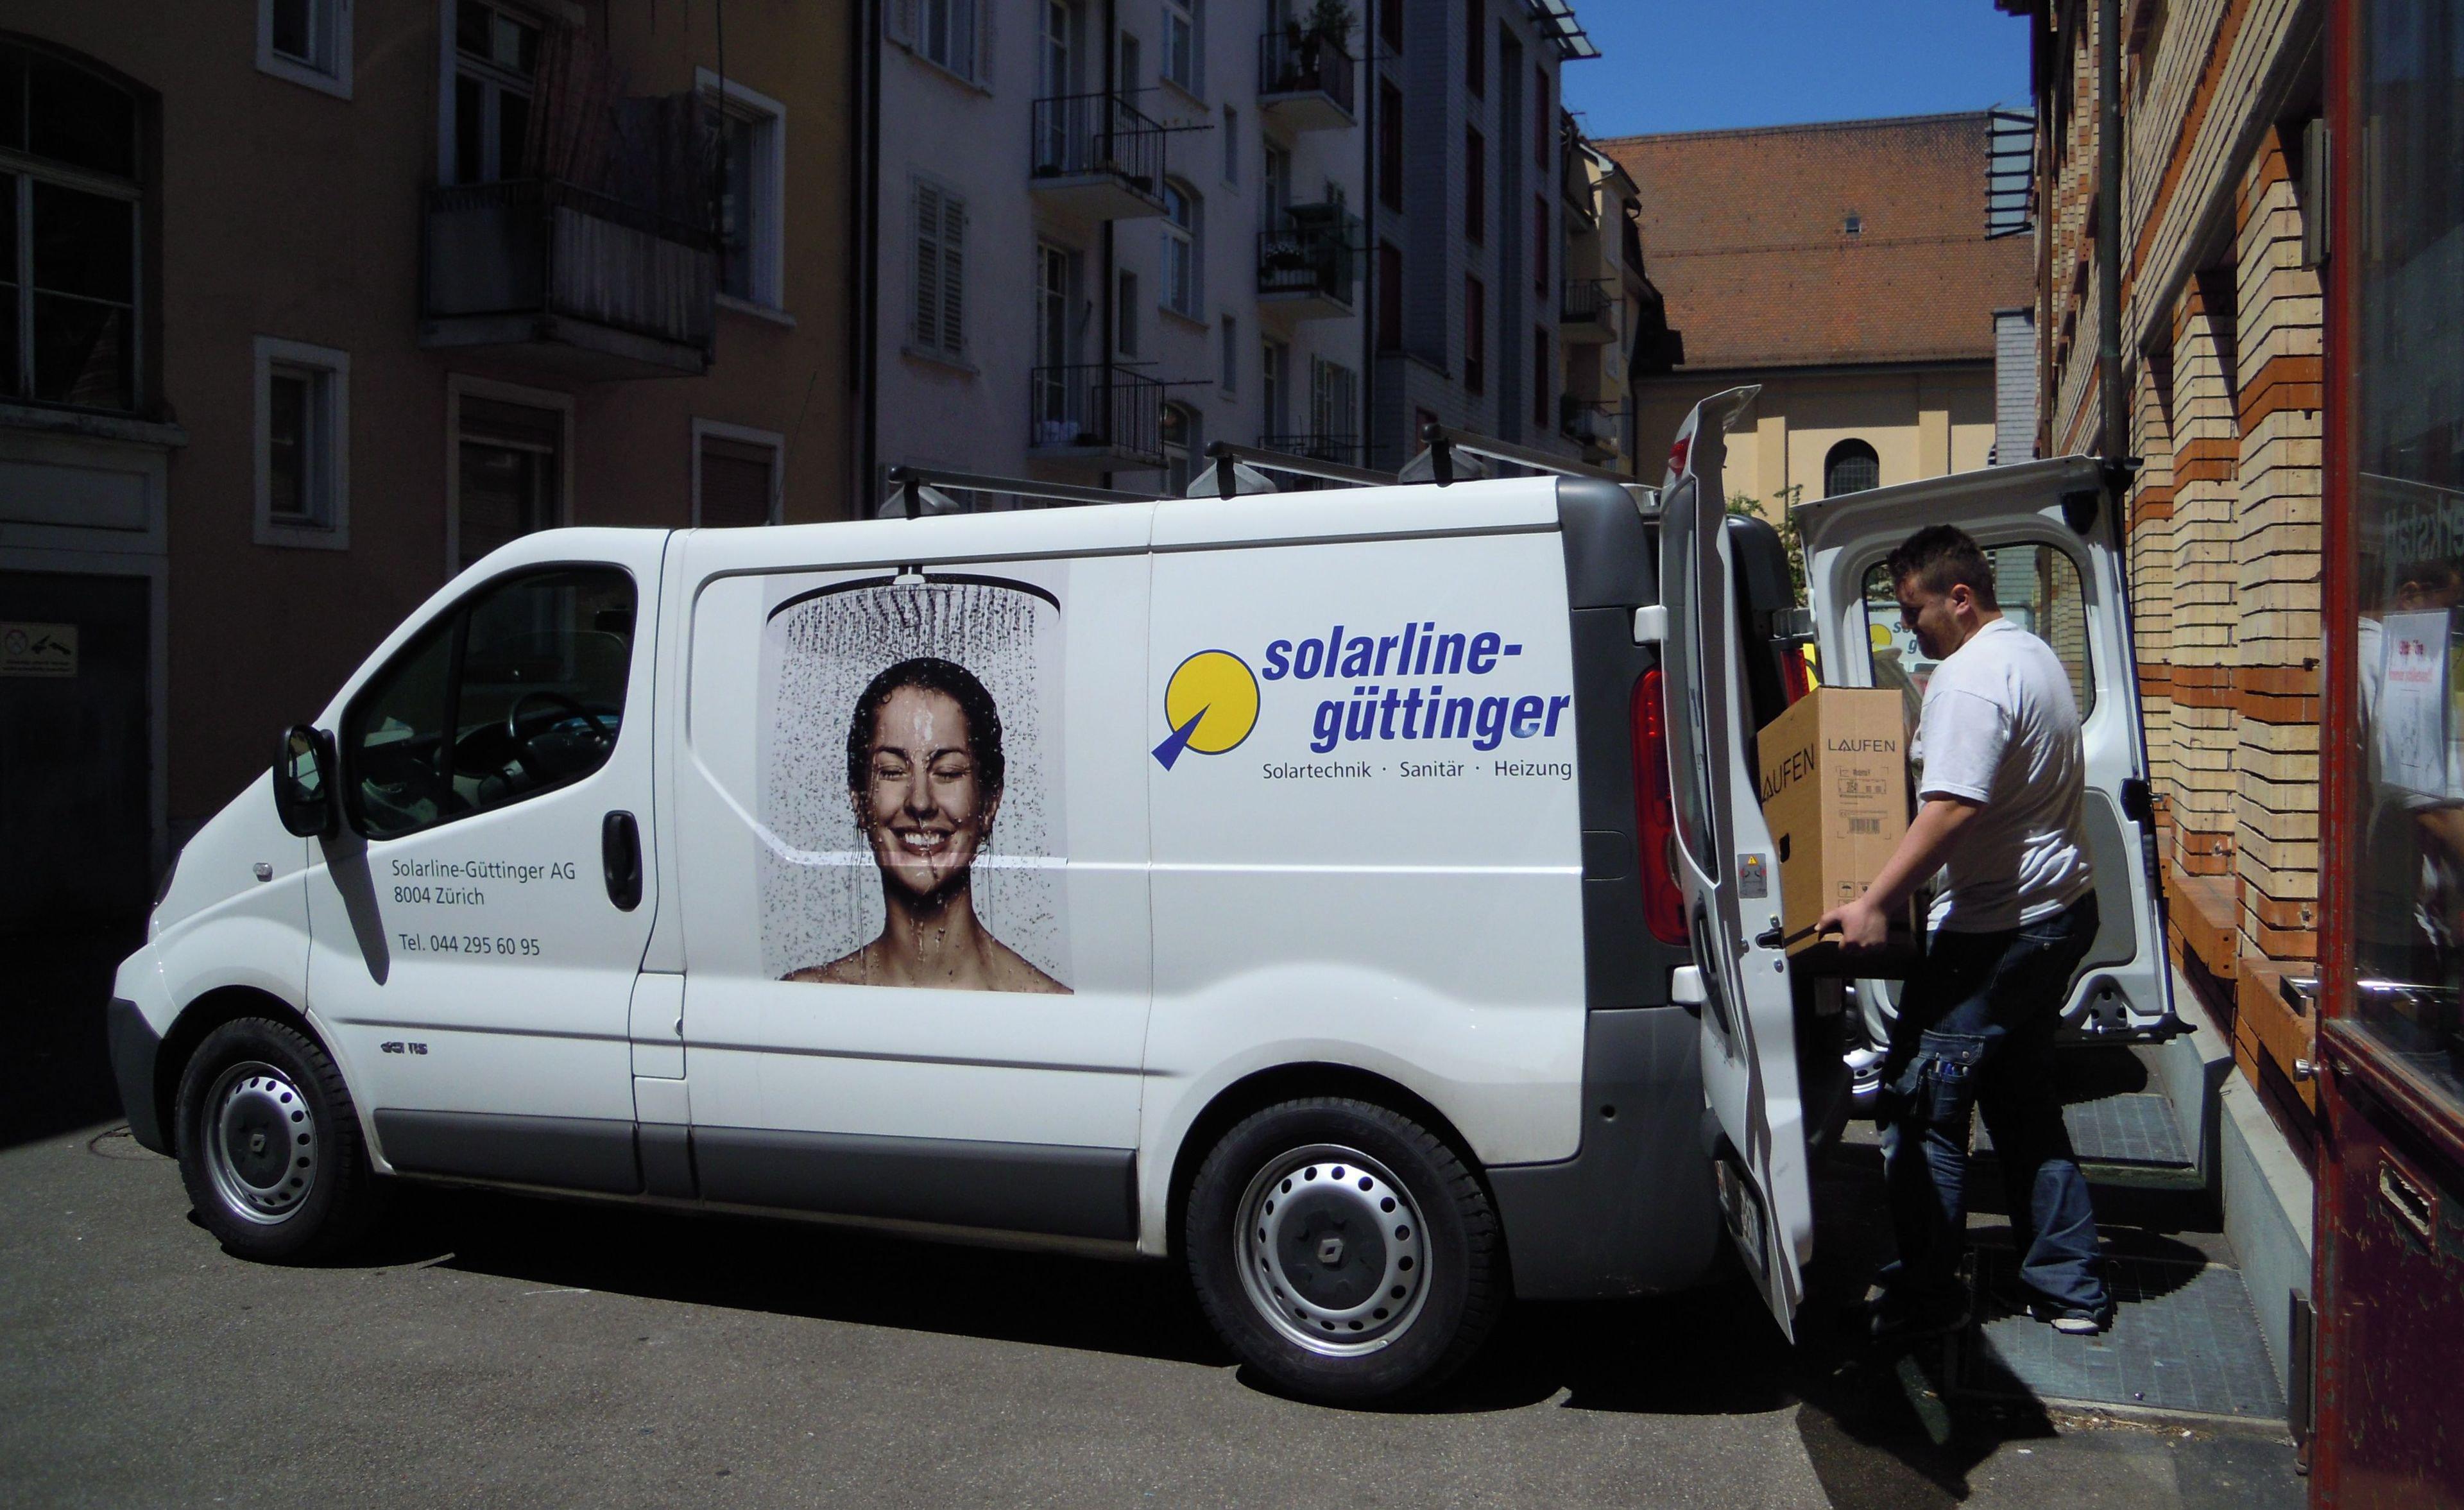 Solarline-Güttinger AG